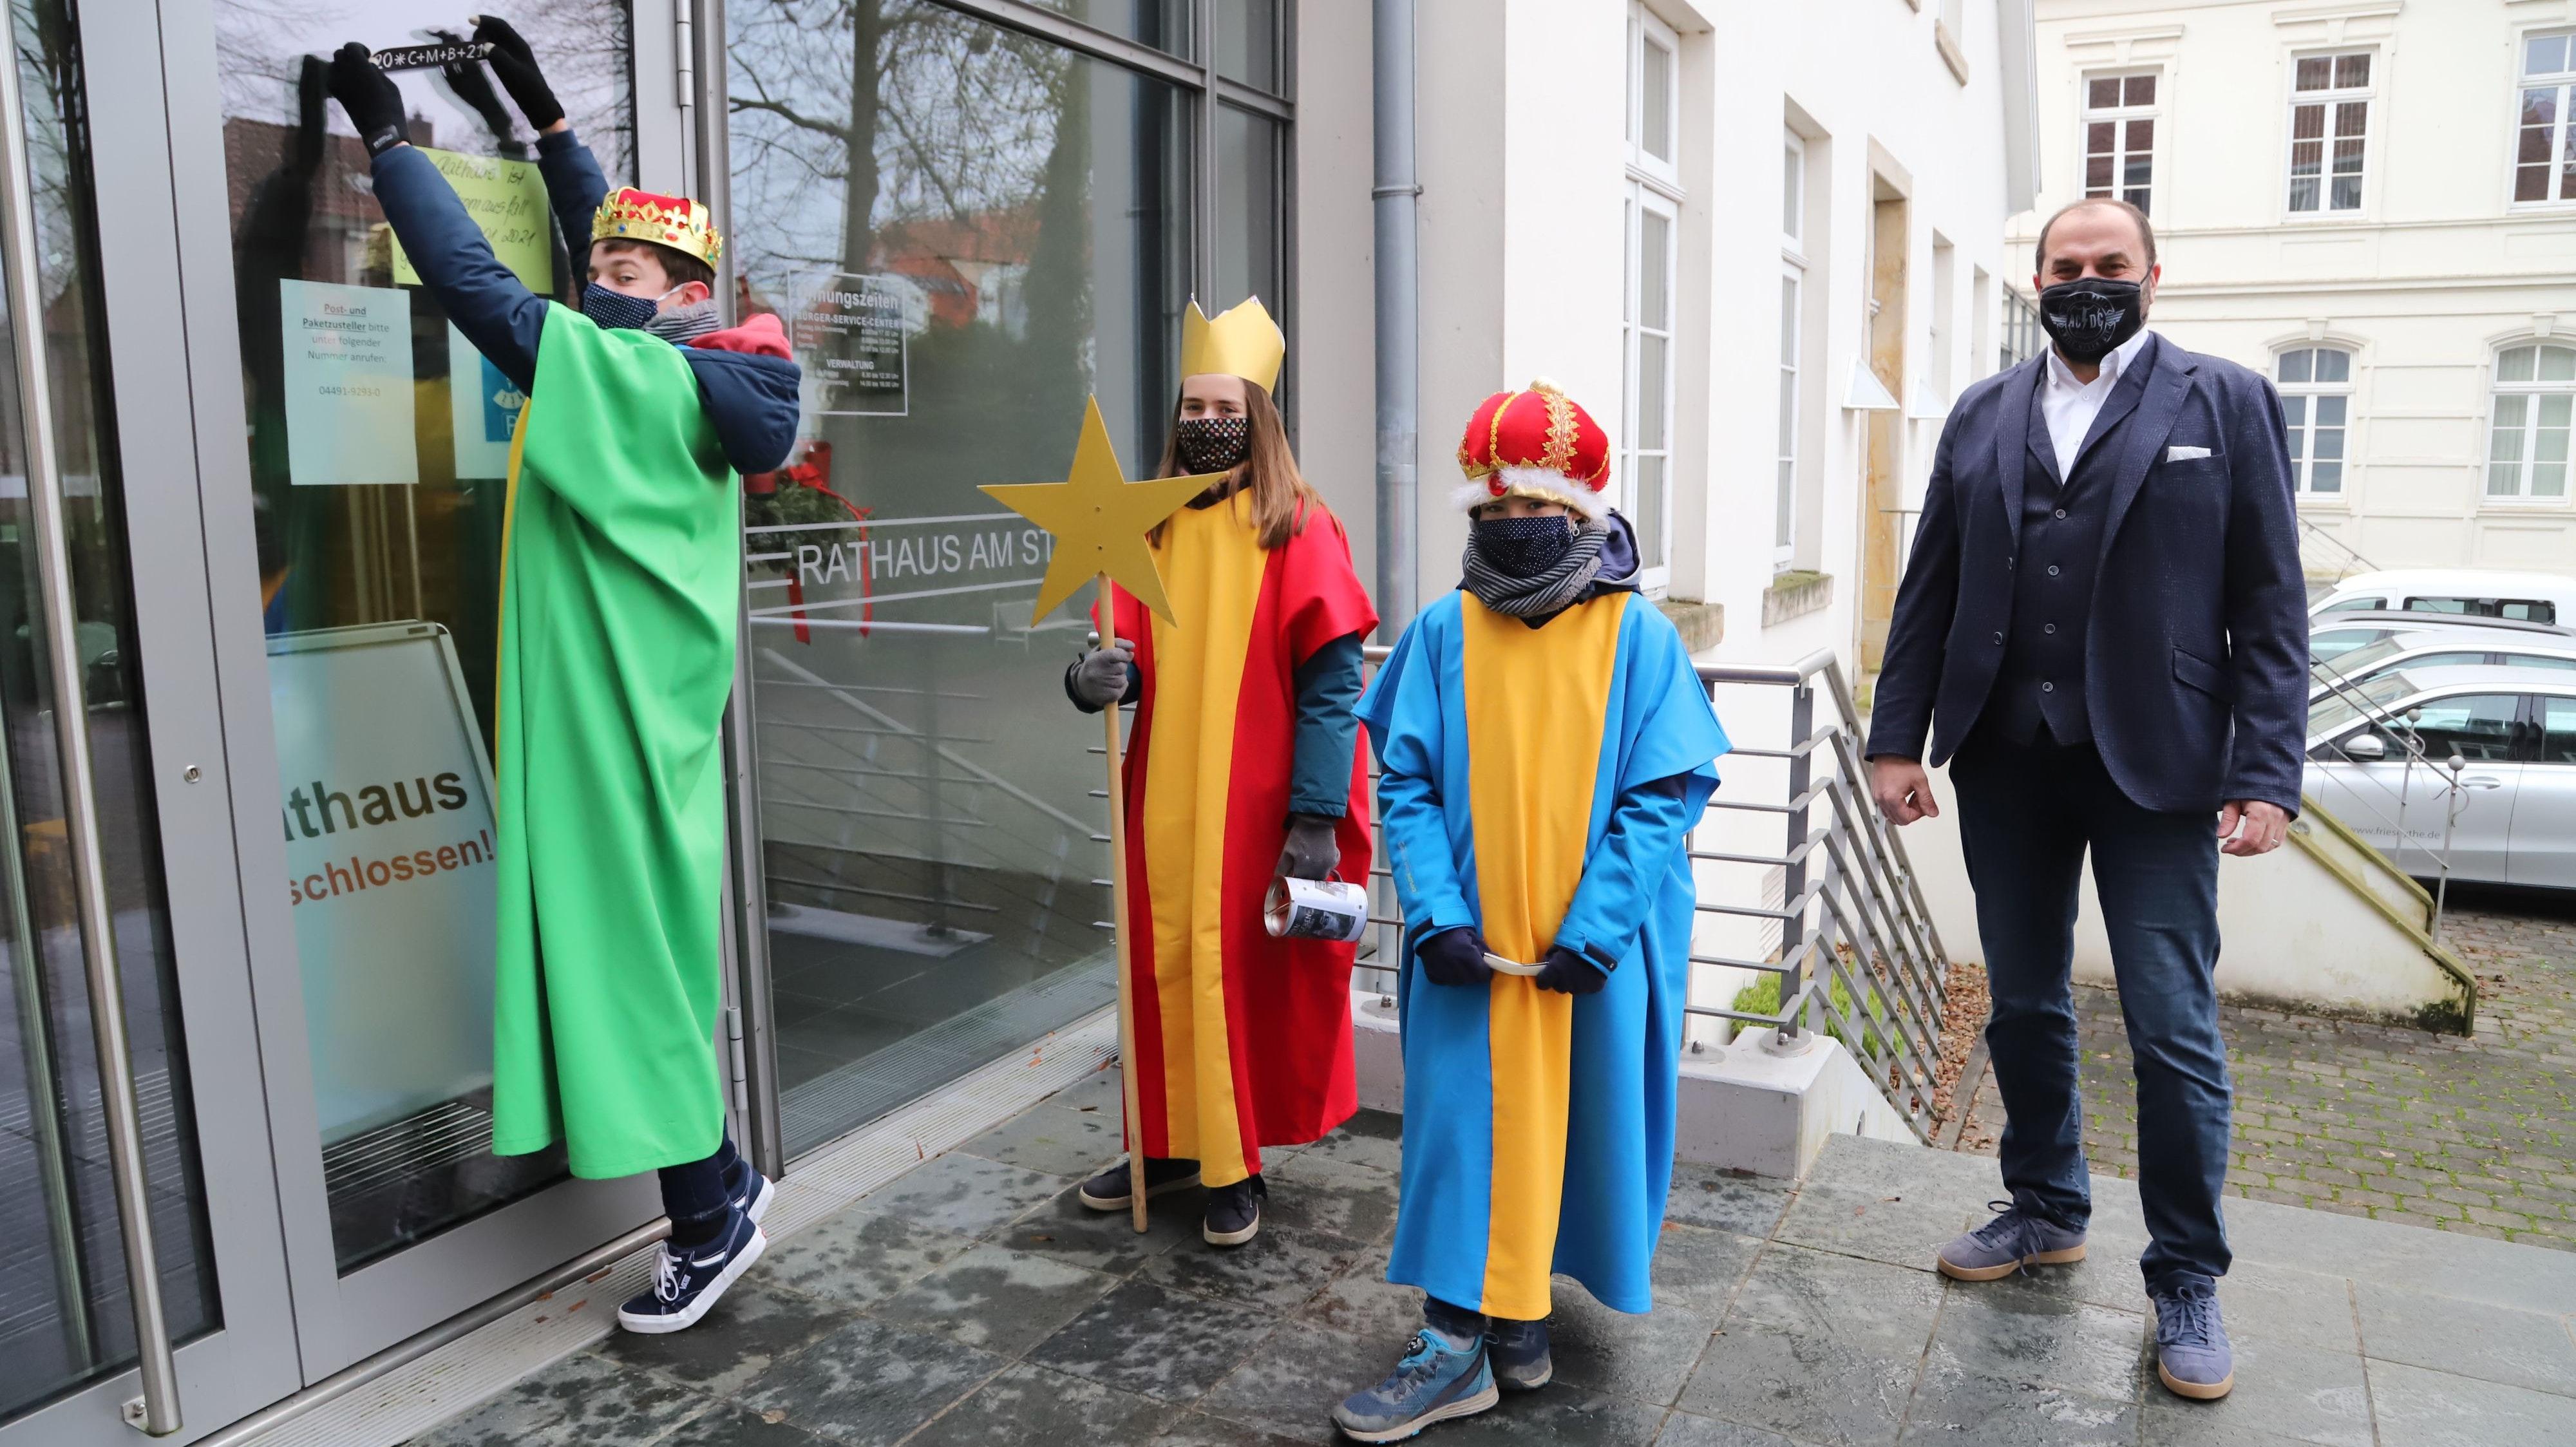 Eine Ausnahme: Die Sternsinger (von links) David,  Sarah und Aaron Fuhler besuchten Bürgermeister Sven Stratmann beim Rathaus und brachten den Segensspruch an der Eingangstür an.Foto: Passmann